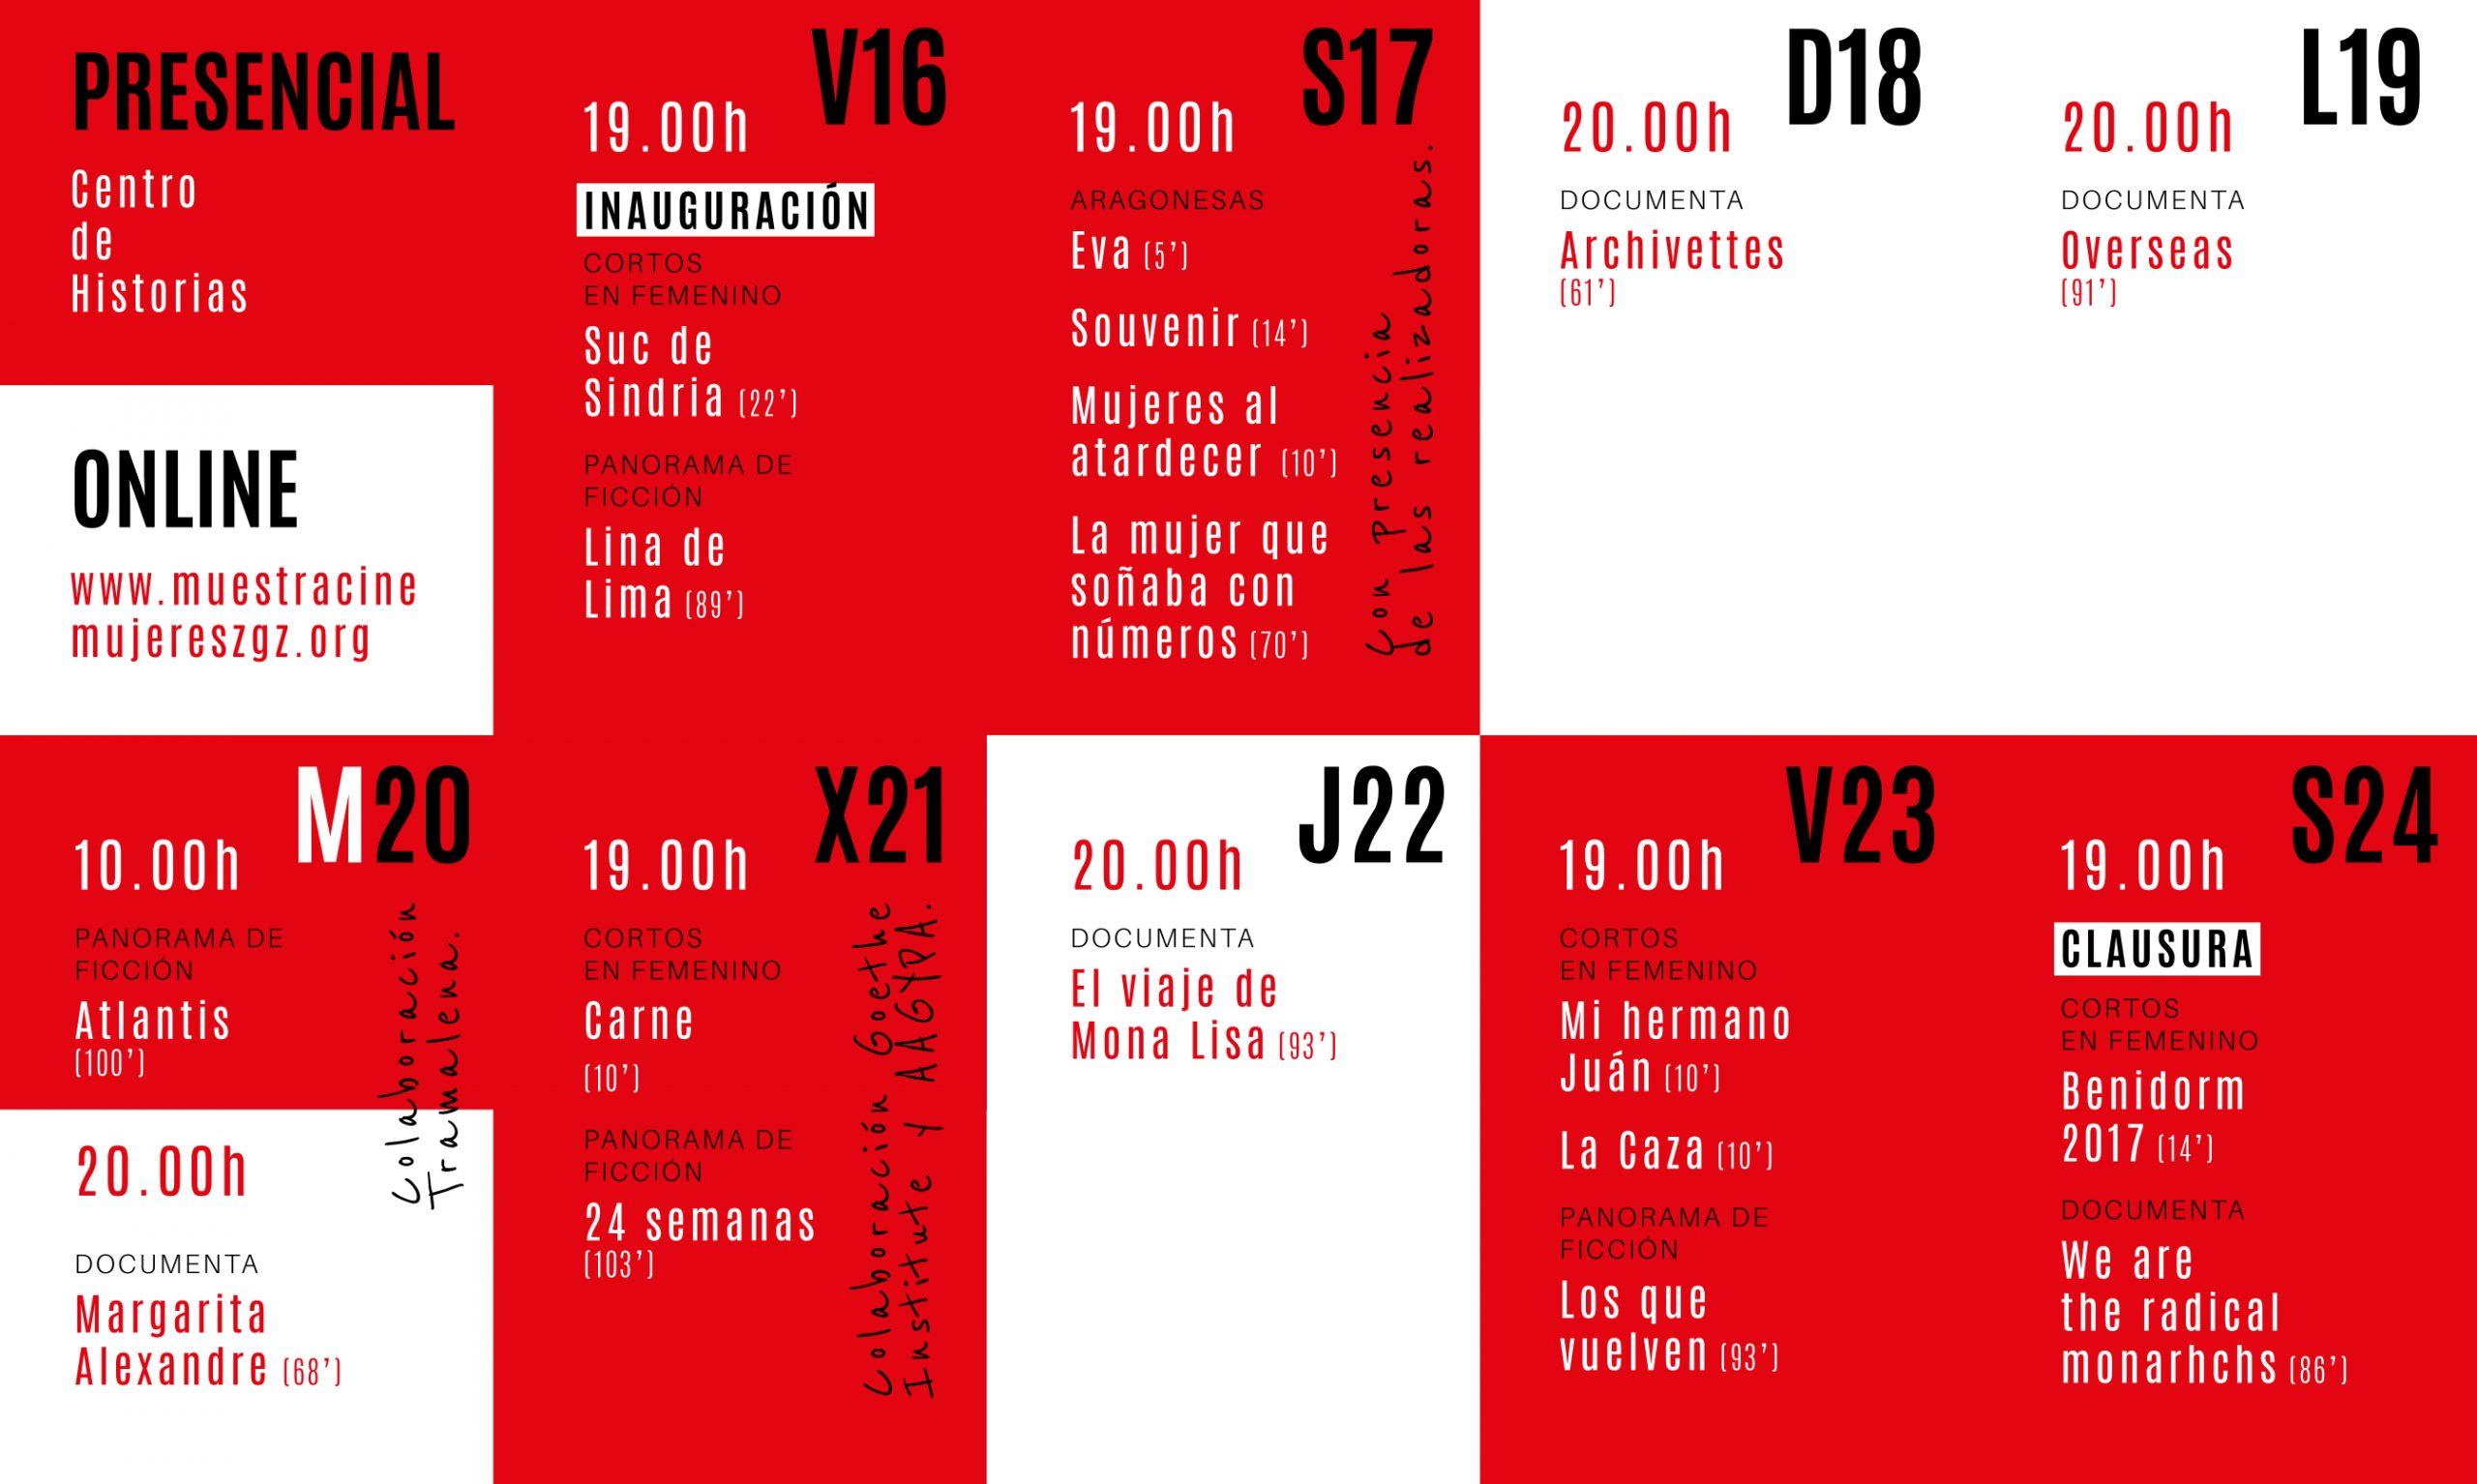 parrilla del XXIII festival internacional de cine realizado por mujeres, zaragoza